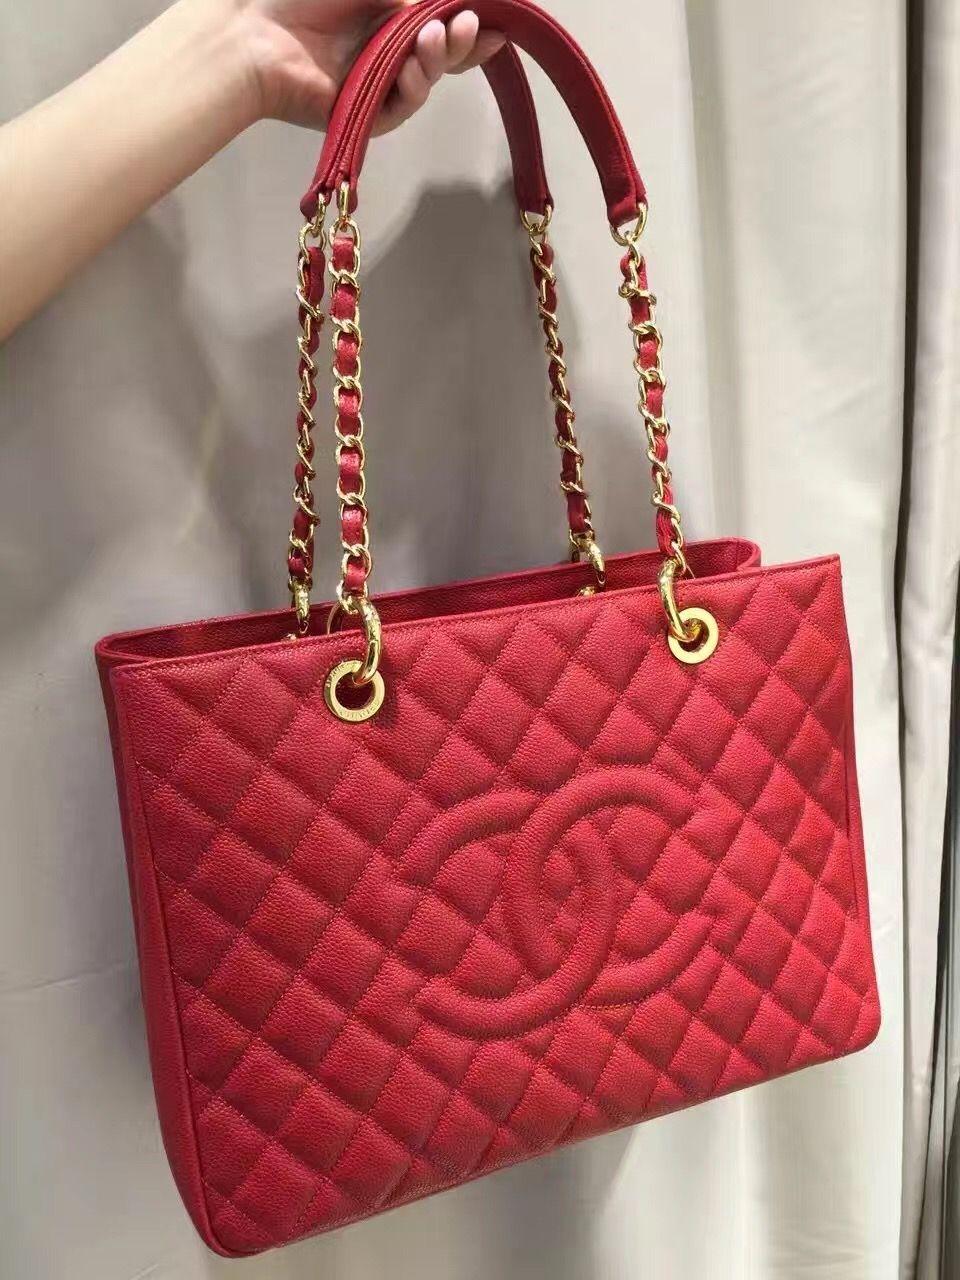 cab7b45e668 Authentic Quality 1:1 Mirror Replica Chanel Grand Shopping Tote Red Caviar  Silver Hardware A50995